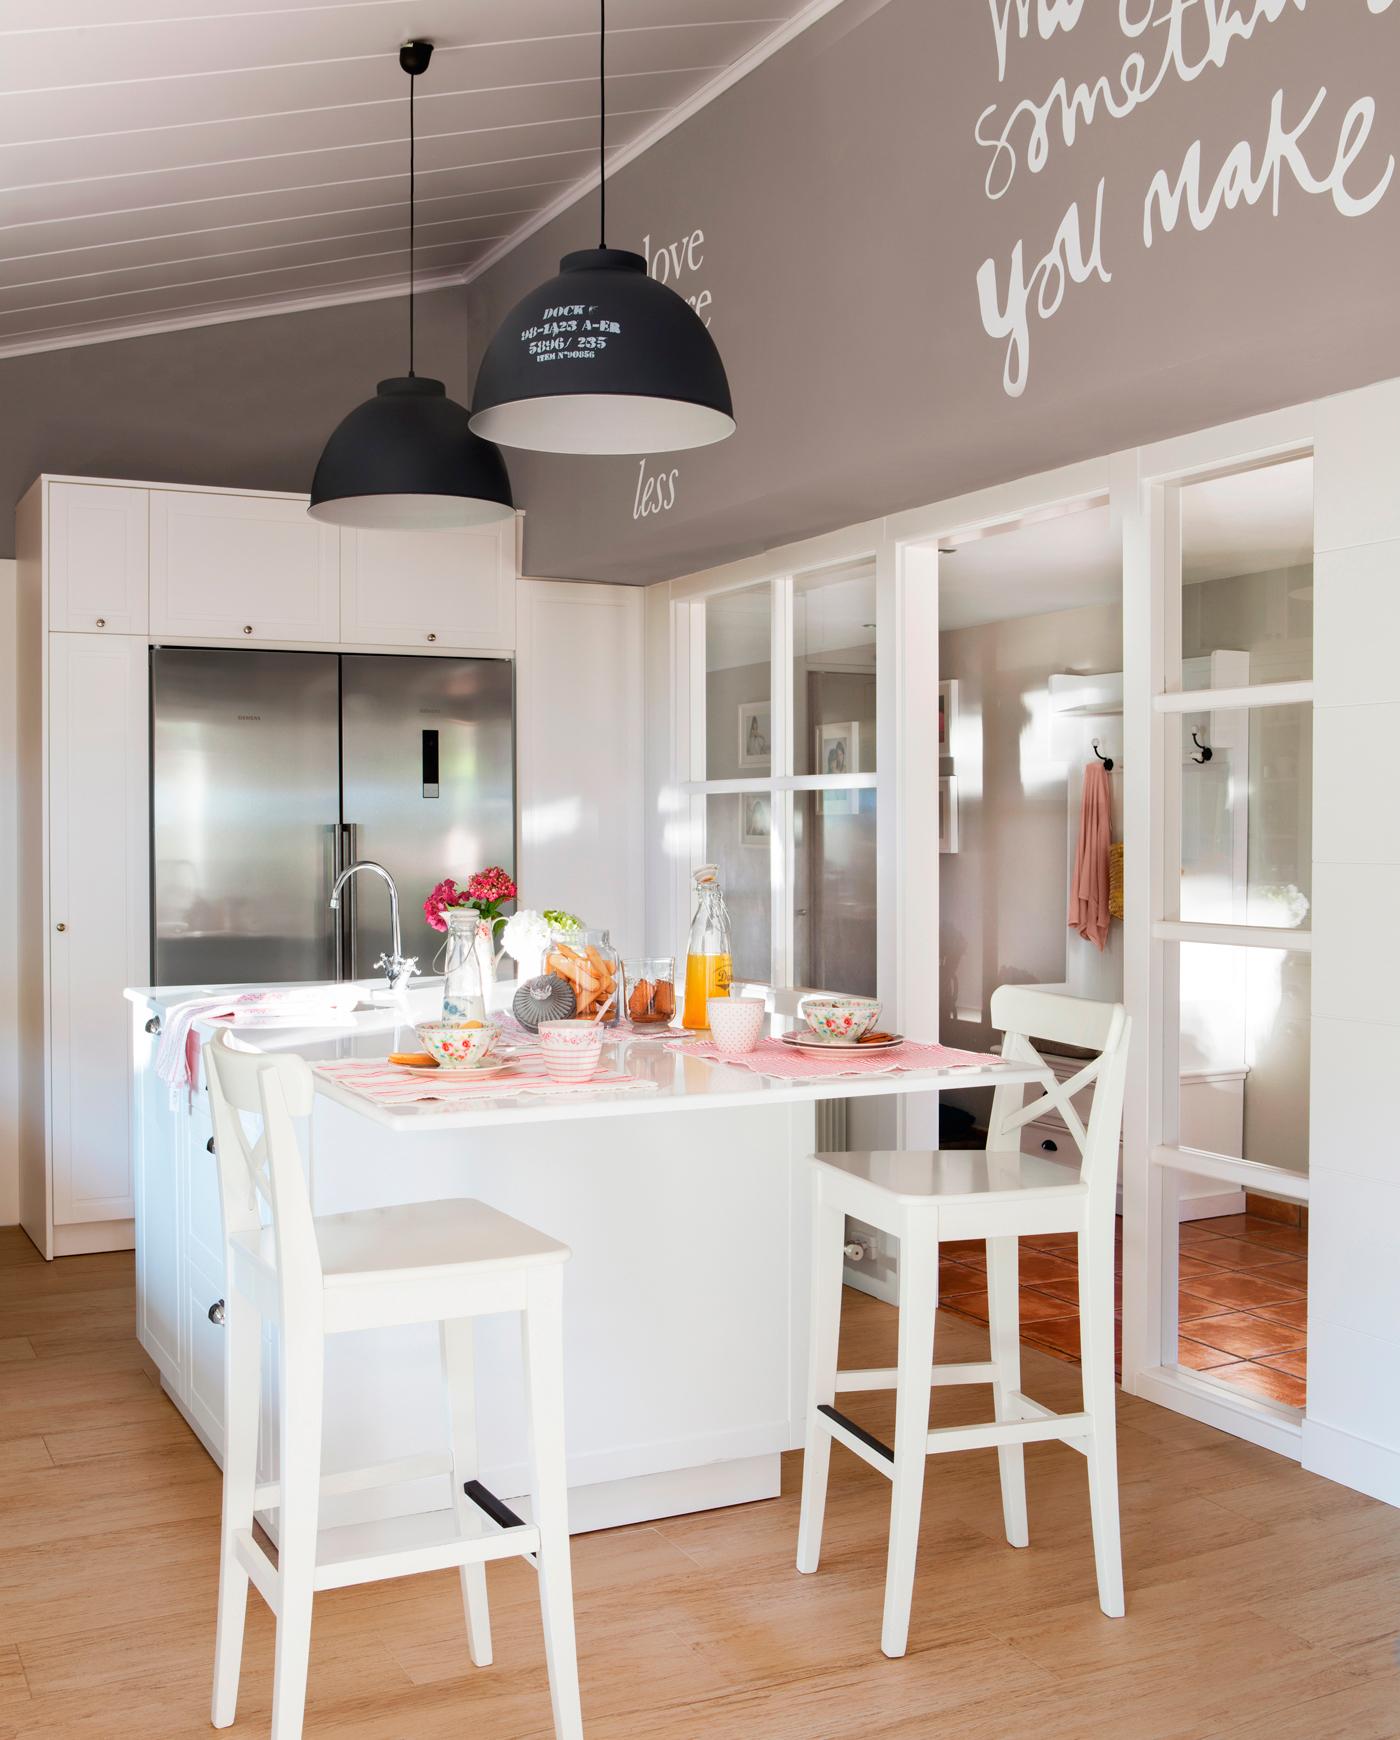 Vinilo para pared de cocina amazing vinilos decorativos adhesivos cocina frase quijote with - Pegatinas para cocinas ...